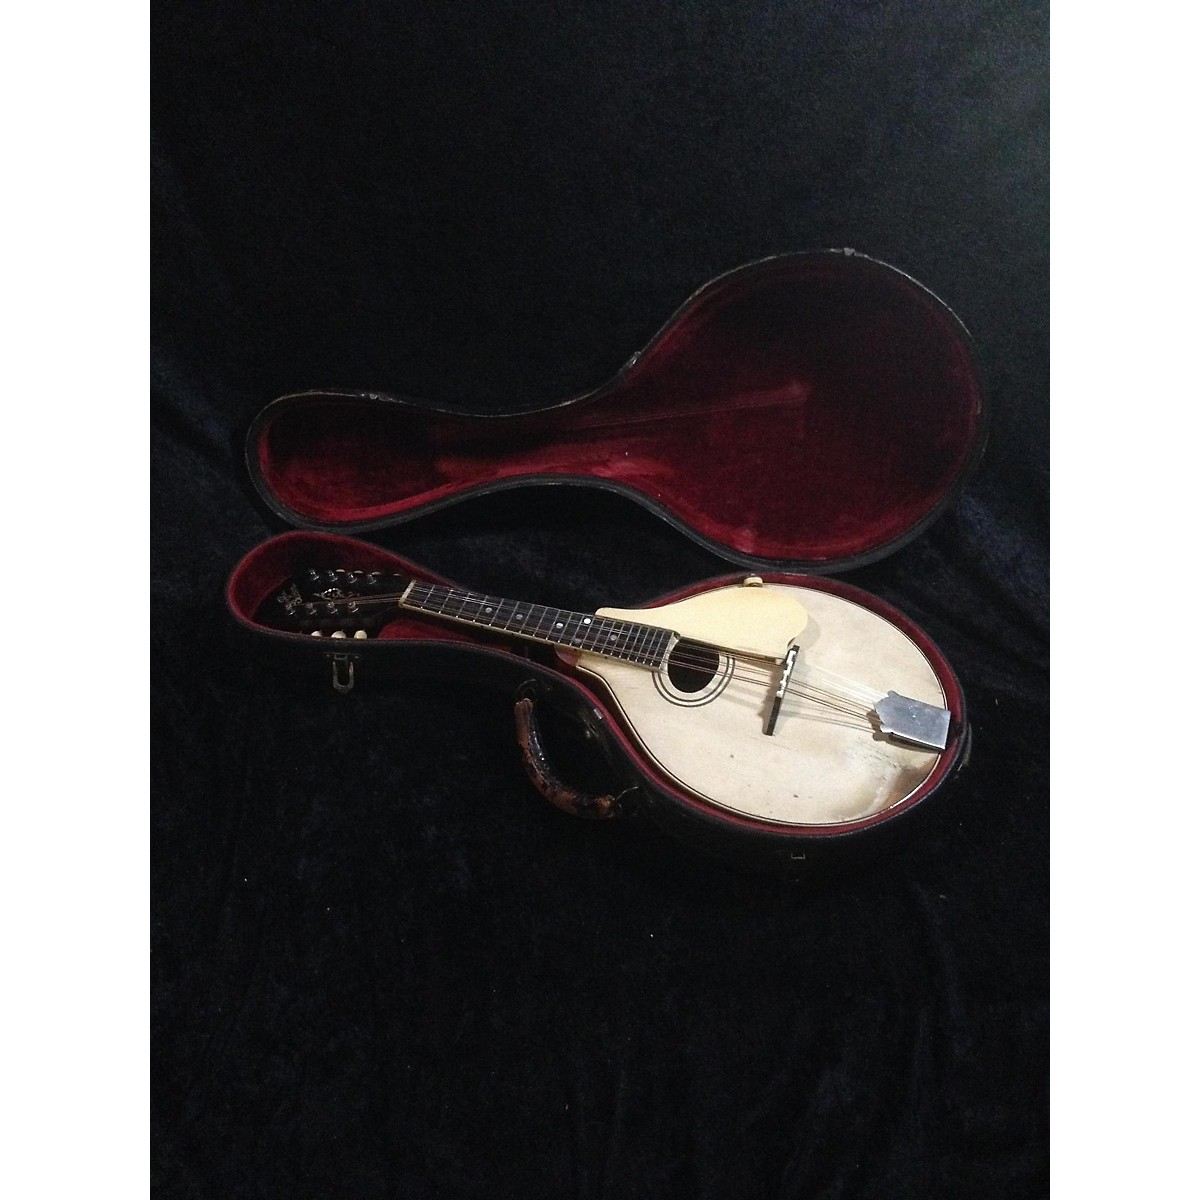 Gibson 1919 A3 Mandolin